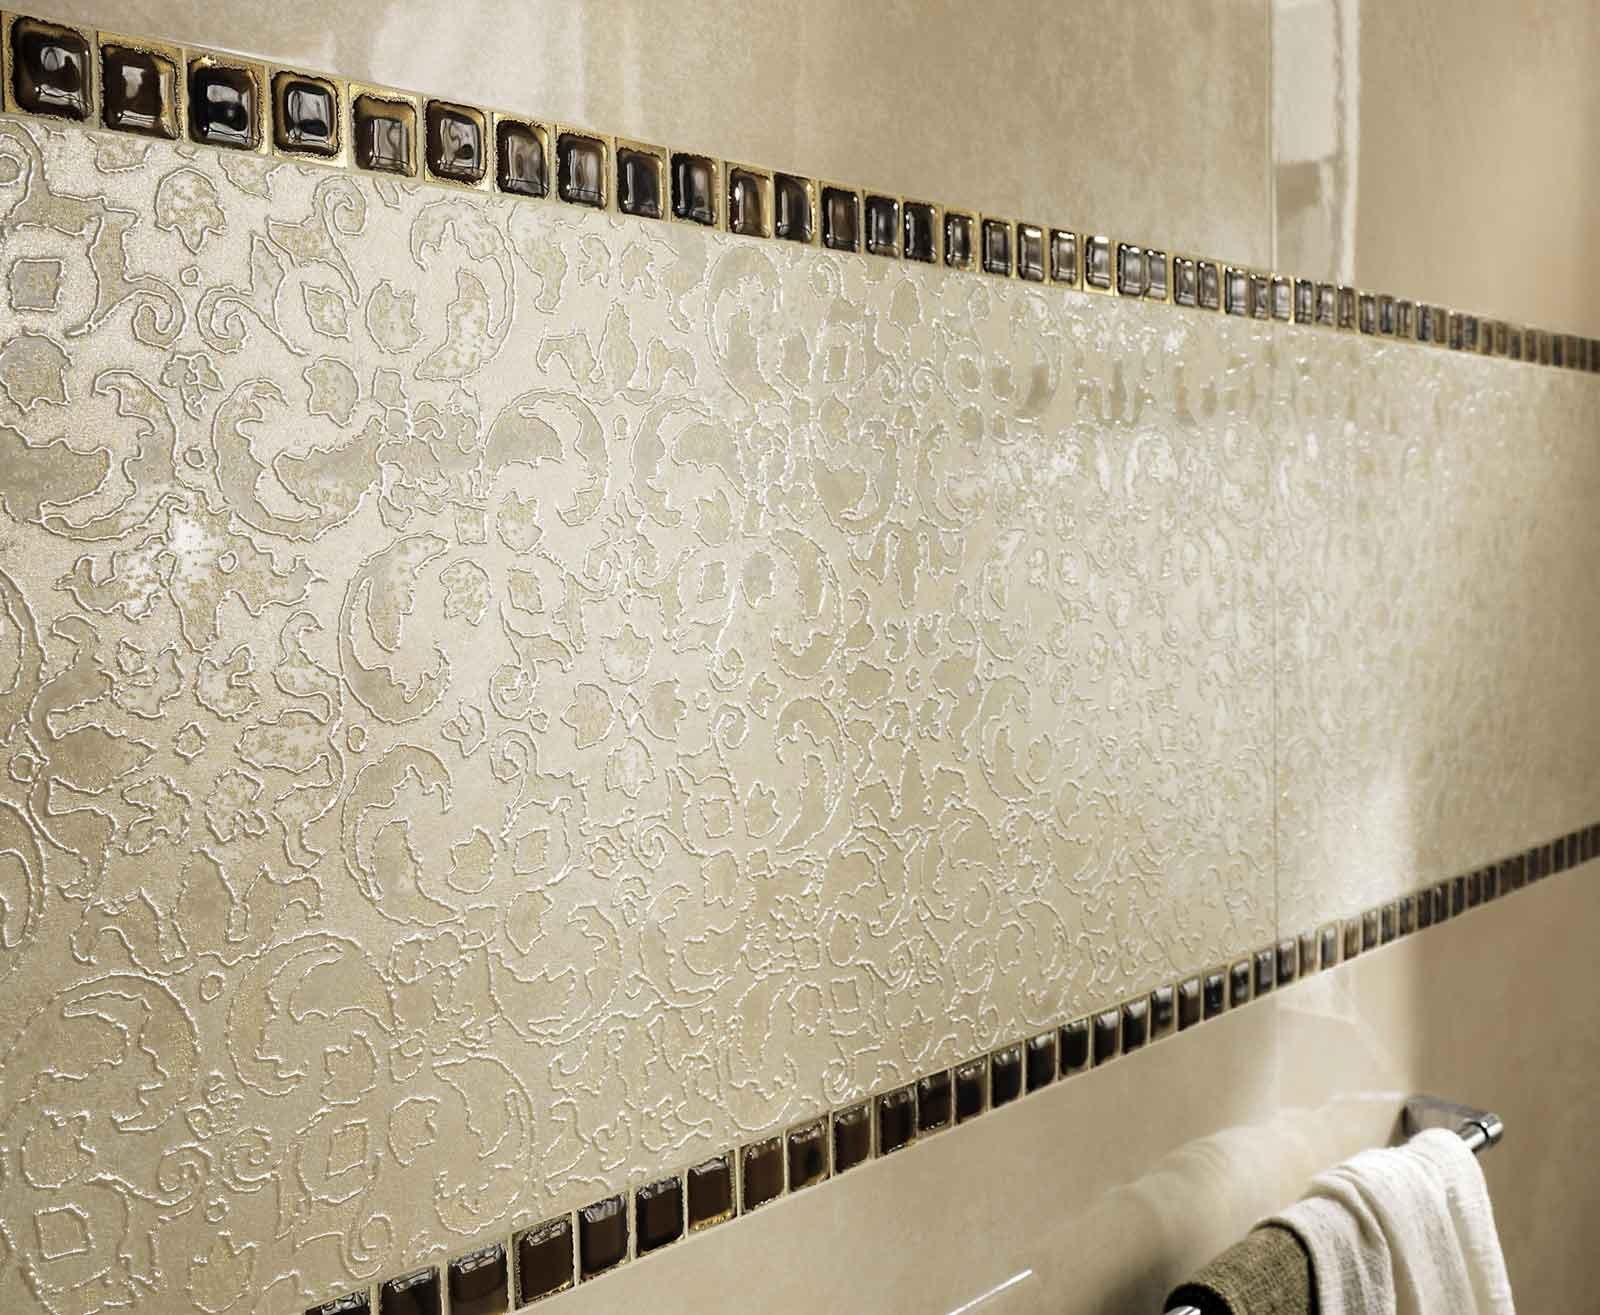 la ceramica per rivestimenti evoque riflessi beige di fap ceramiche ha un effetto materico e una